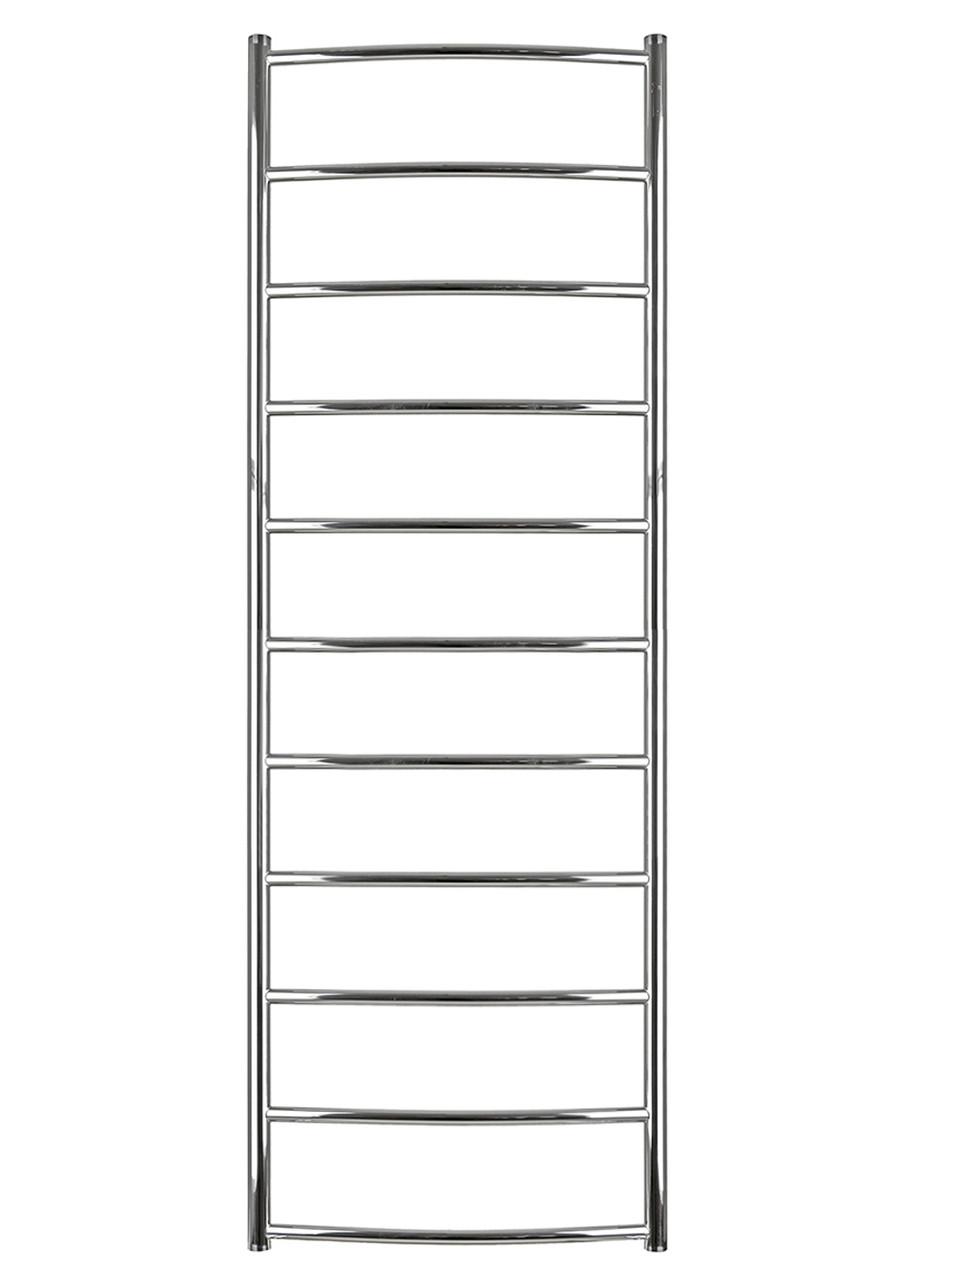 Mario КЛАССИК HP Полотенцесушитель водяной 530 x 1550, хром, арт.1.3.0105.01.P (4820111352166)